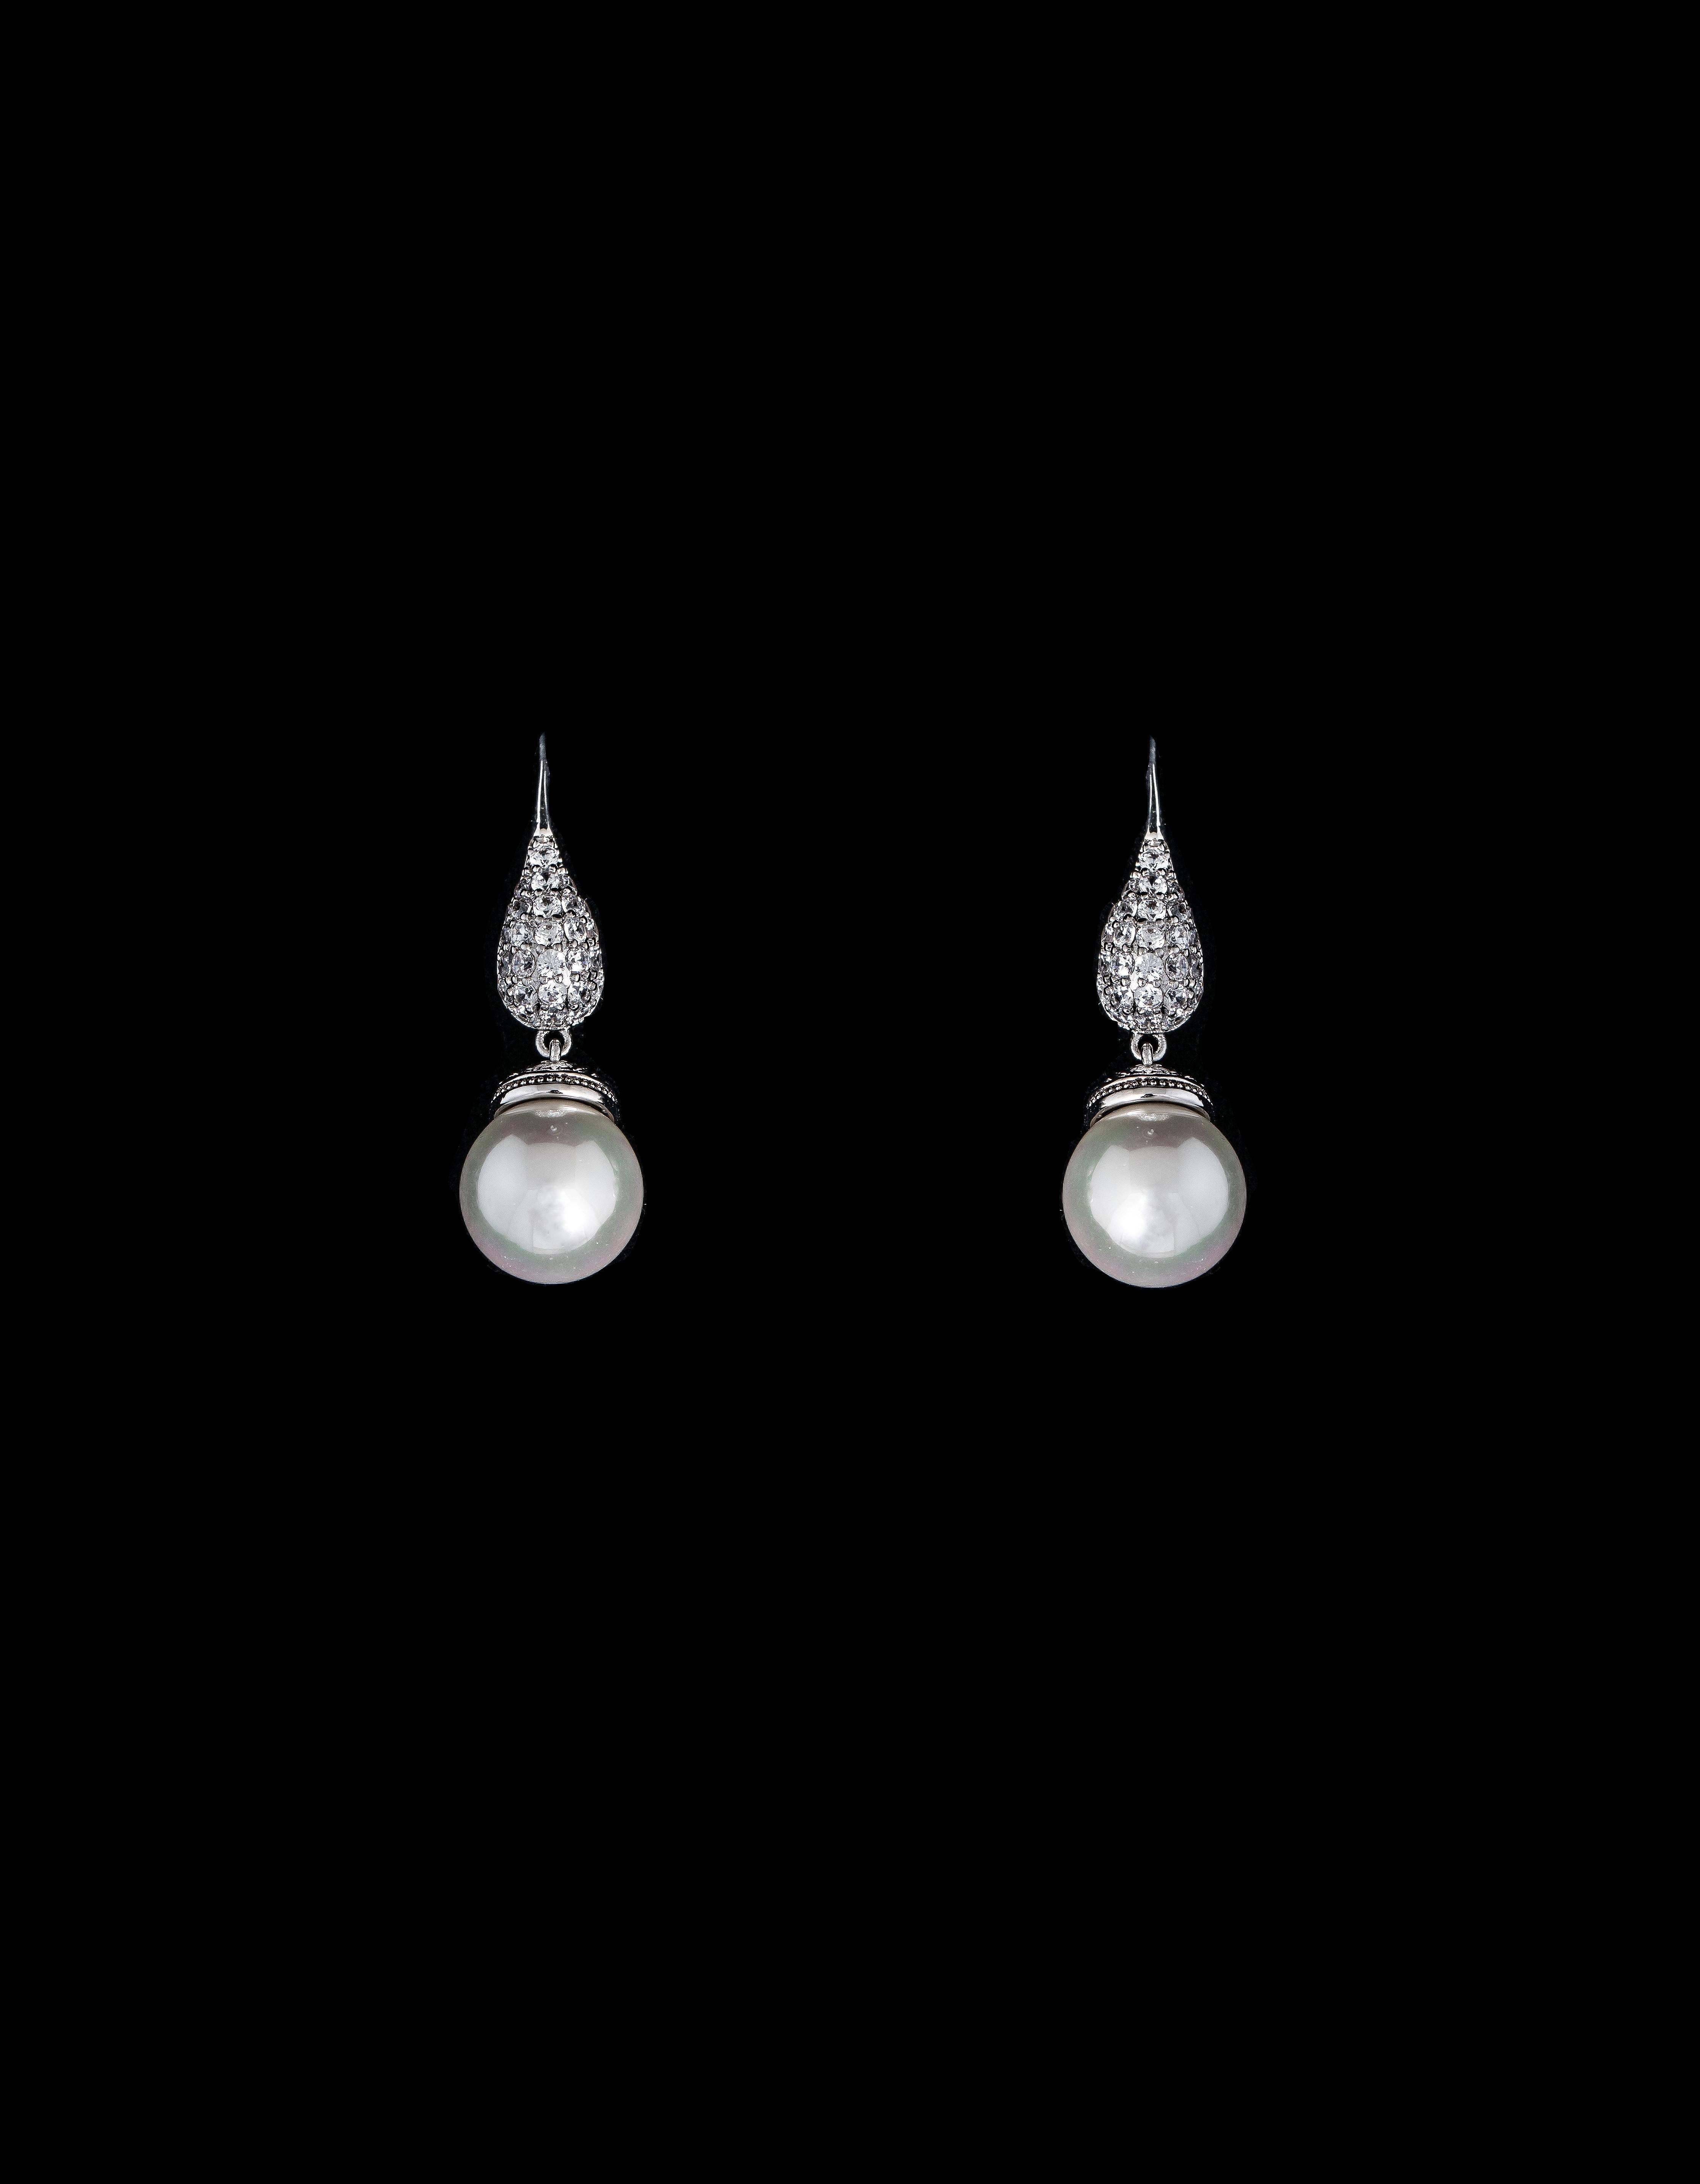 Bridal Classics Earrings CZ-892